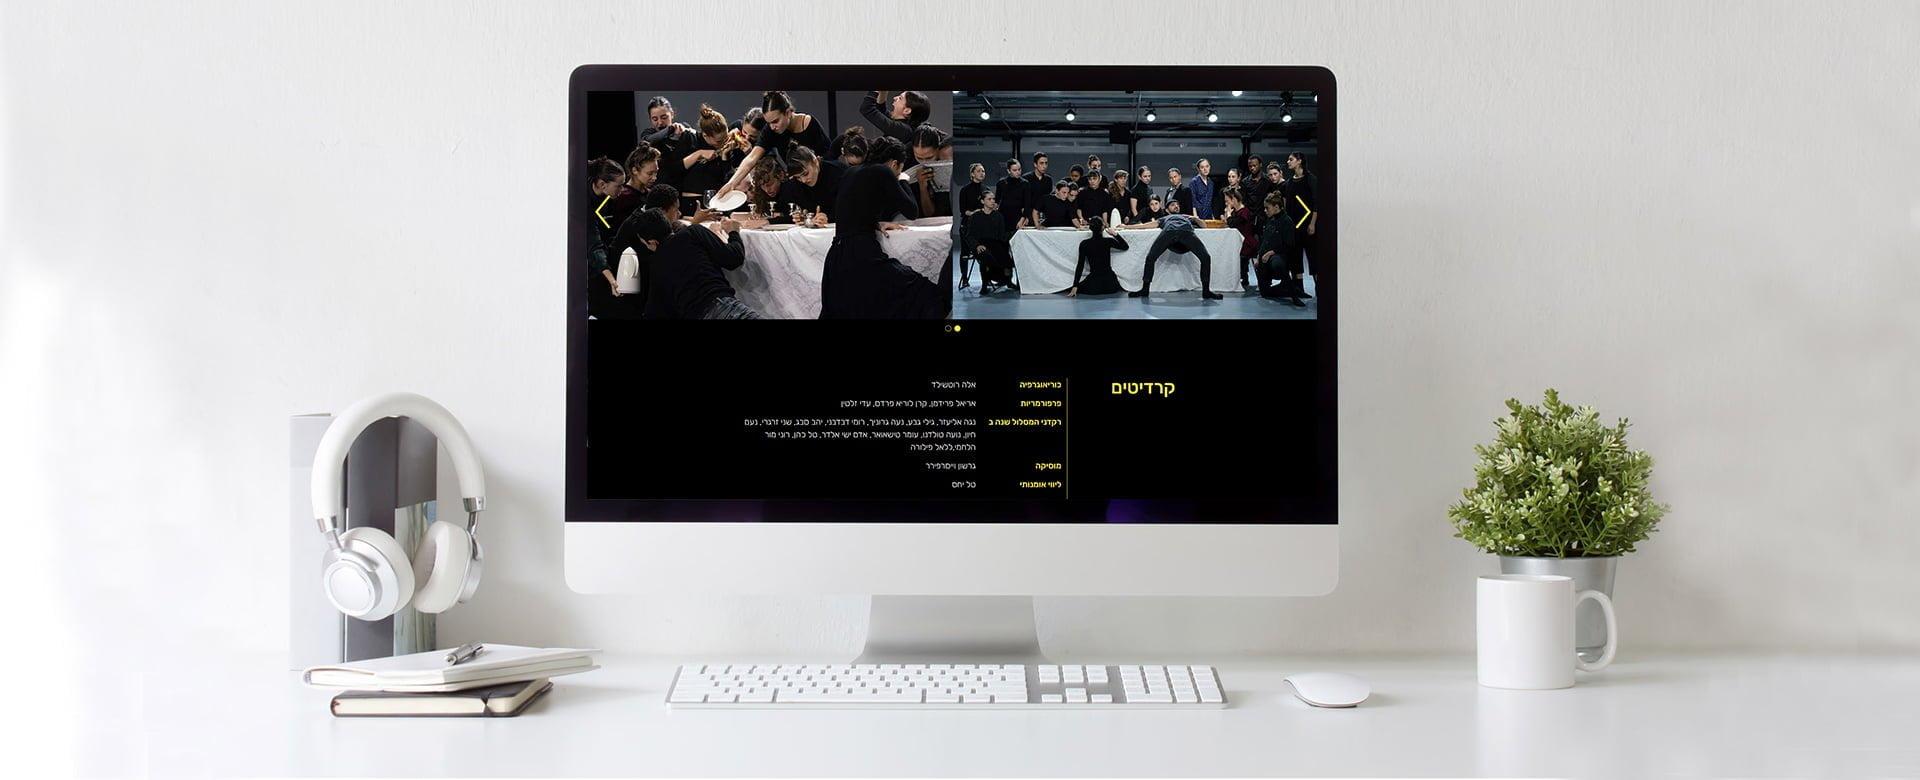 mockup computer TLV 06